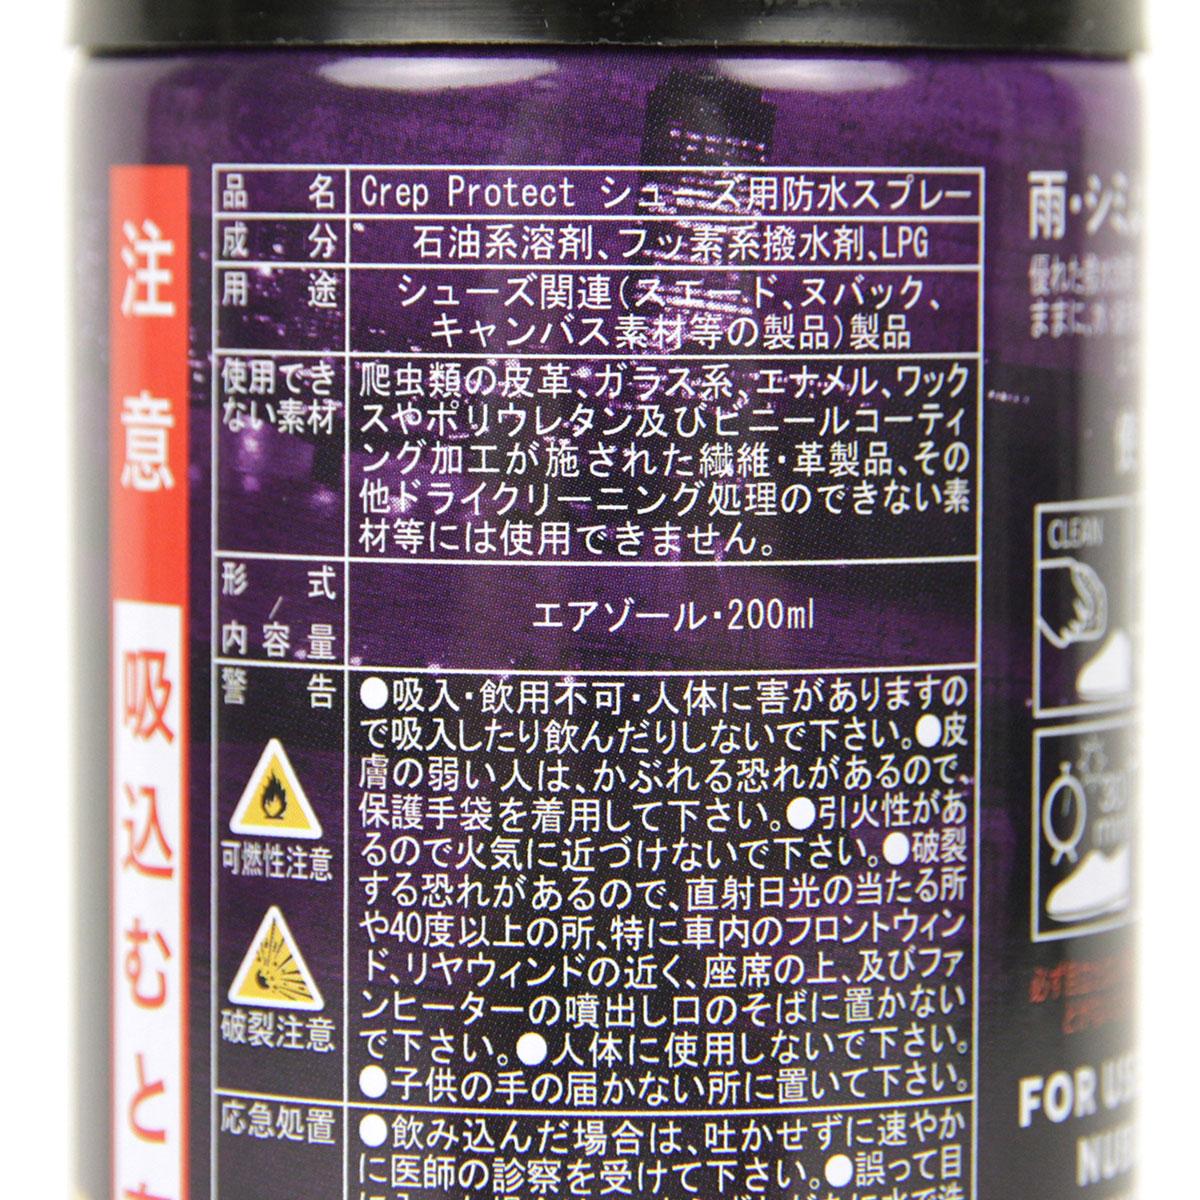 クレッププロテクト CREP PROTECT 正規品 シューケア CREP PROTECT PROTECT SPLAY クレップ プロテクト スプレー 200ml 6065-2904